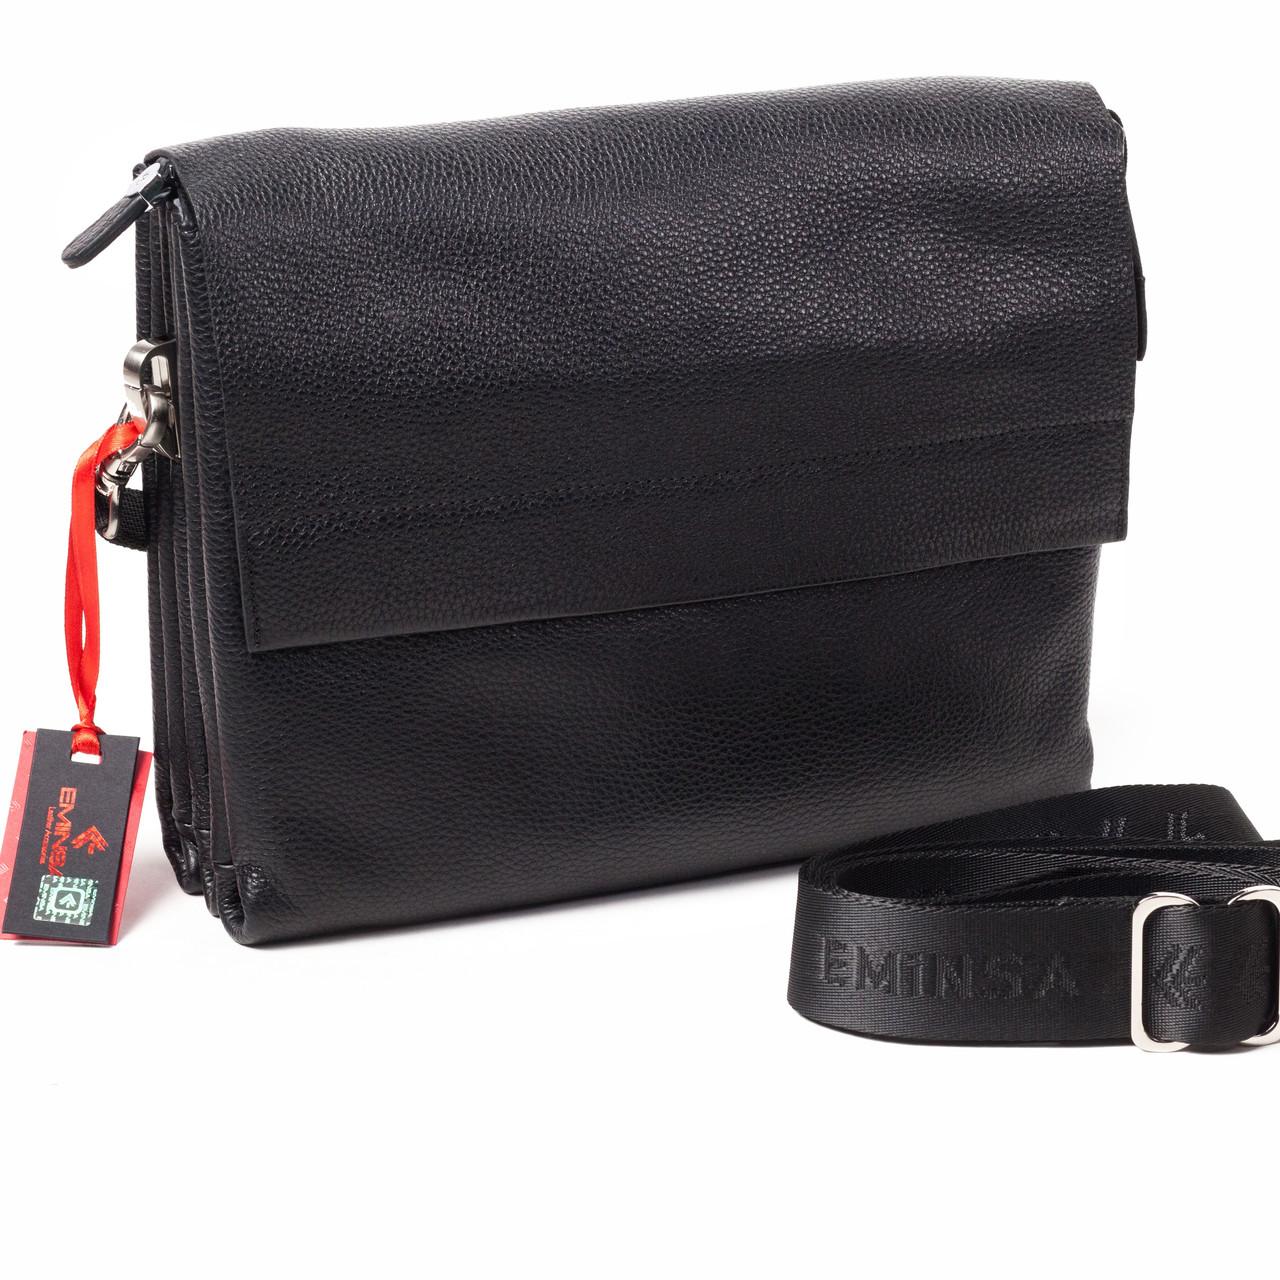 Мужская сумка Eminsa 6128-18-1 кожаная черная